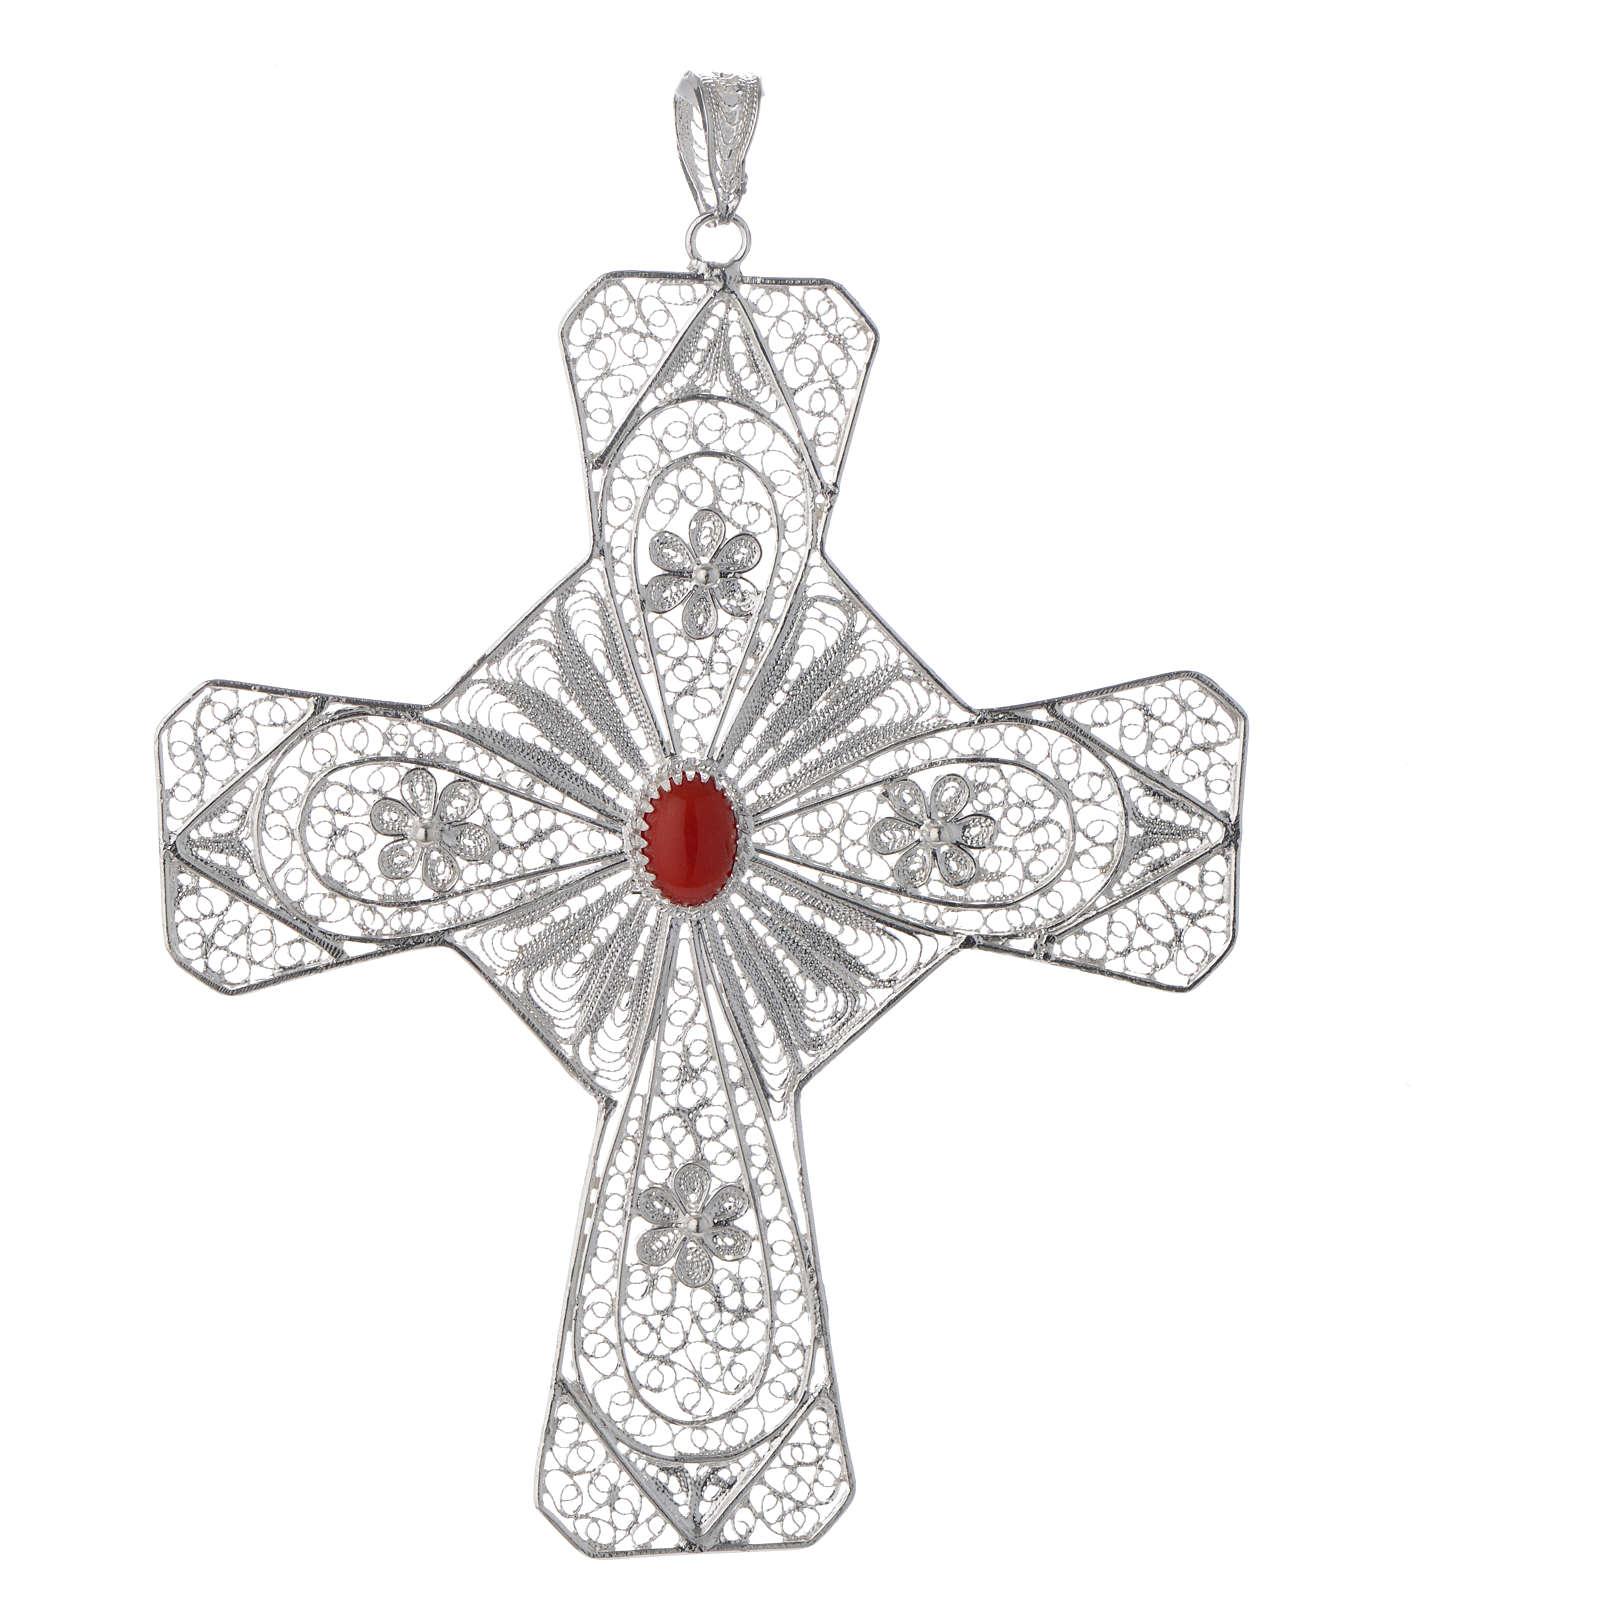 Croce vescovile arg 800 filigrana corniola color corallo 3